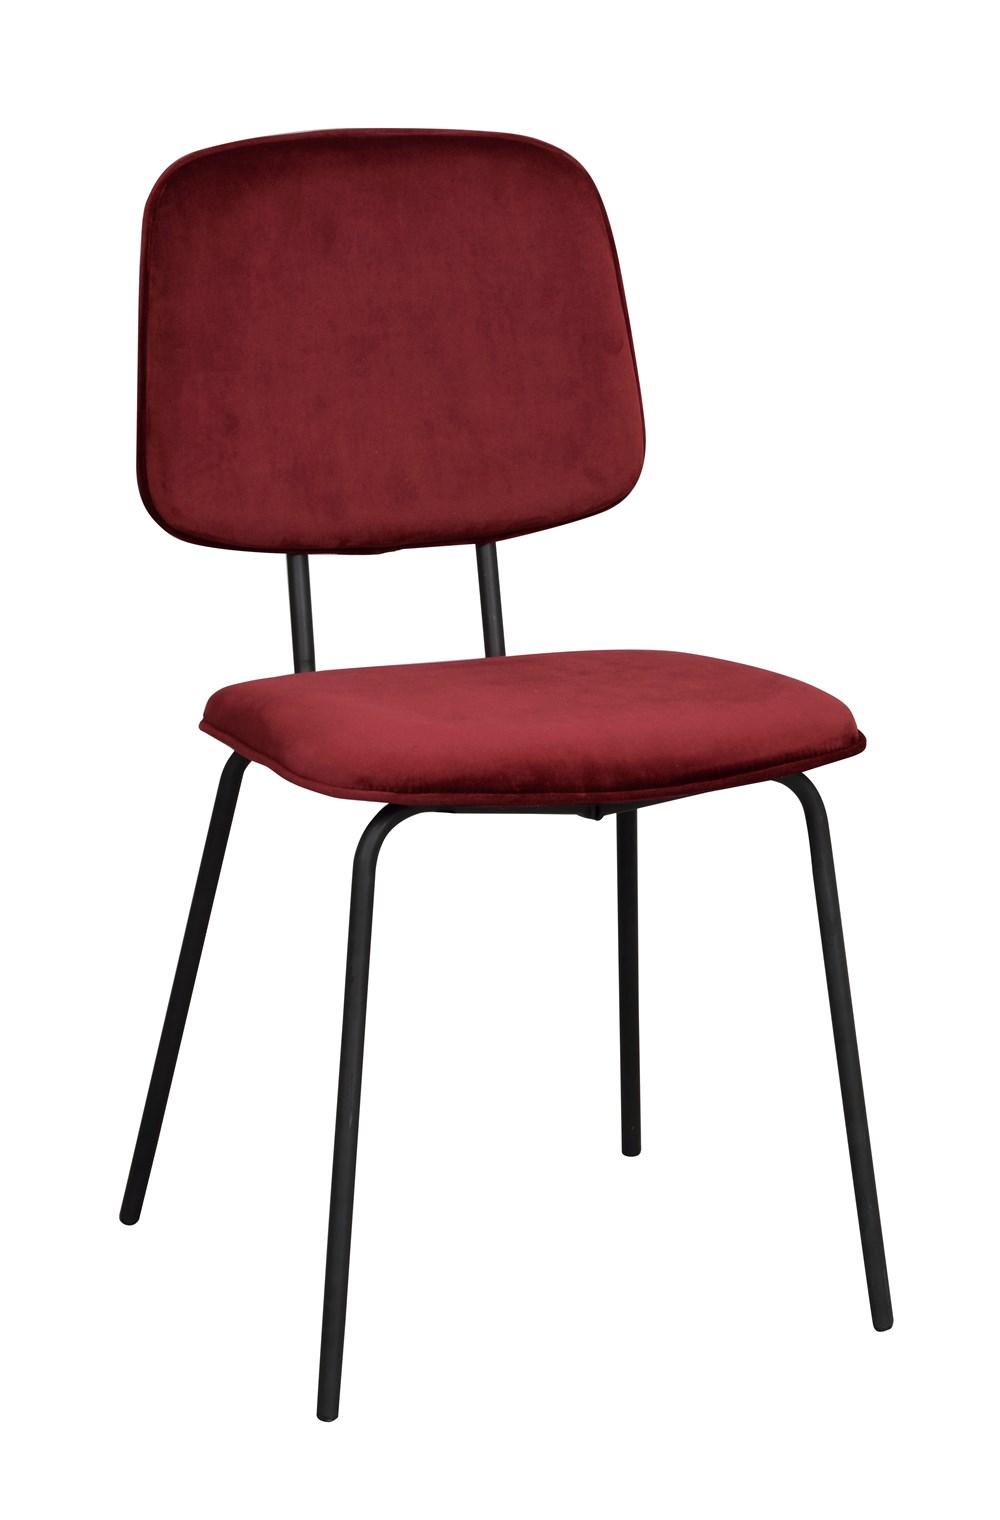 Baldwin tuoli punainen/musta, Rowico